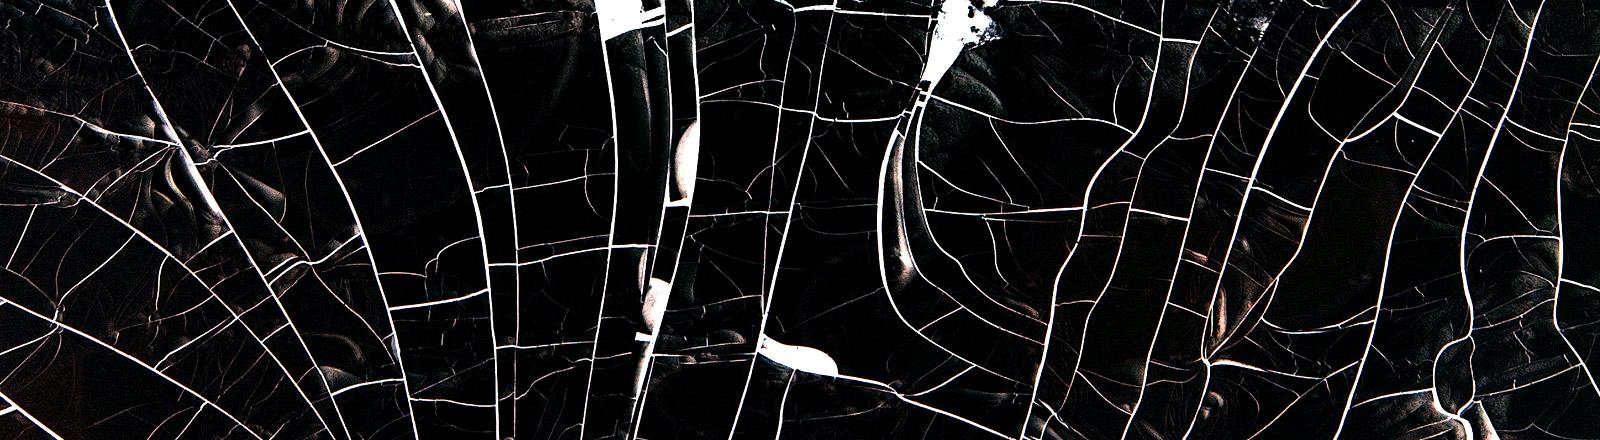 Ein weißes netzartiges Gebilde auf schwarzem Hintergrund